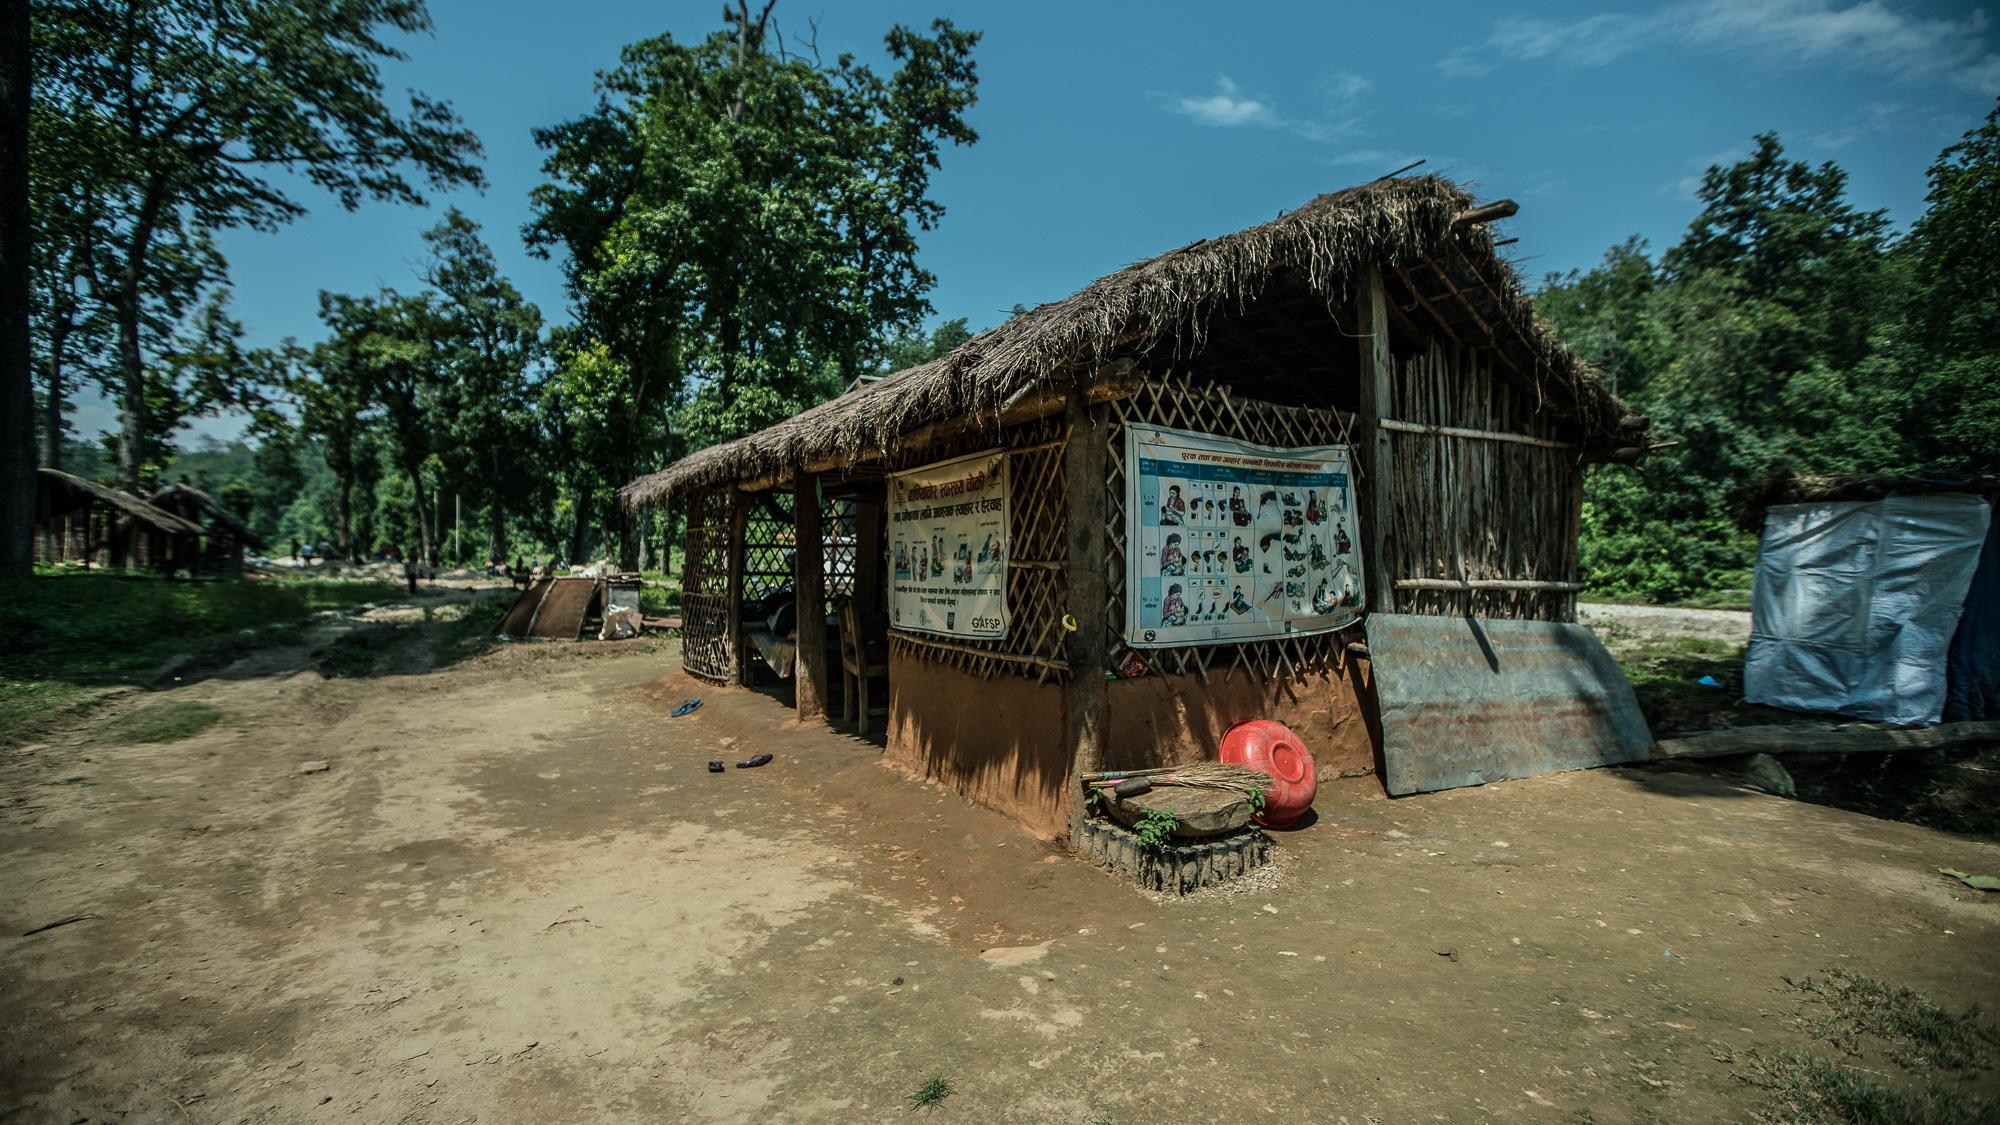 170907-Nepal-Wingard-0041-web.jpg